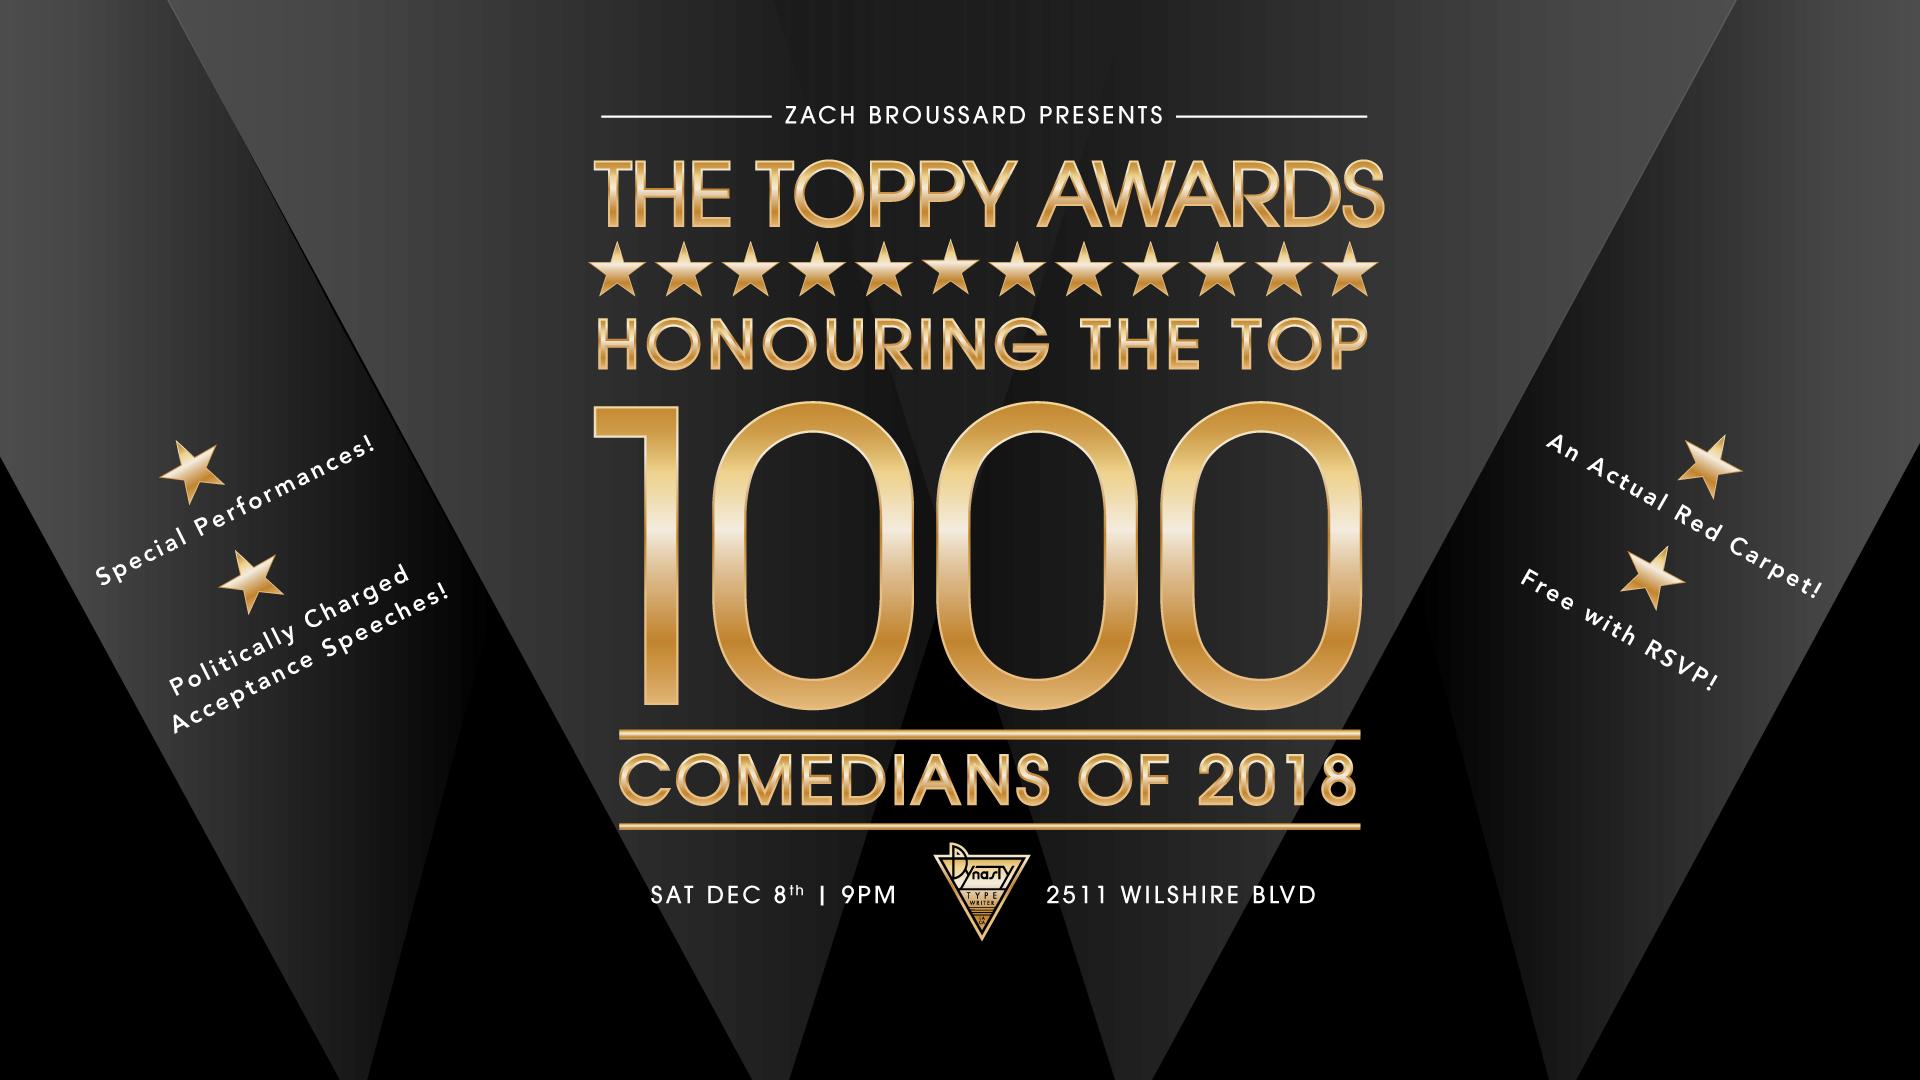 toppy_awards_v4.png